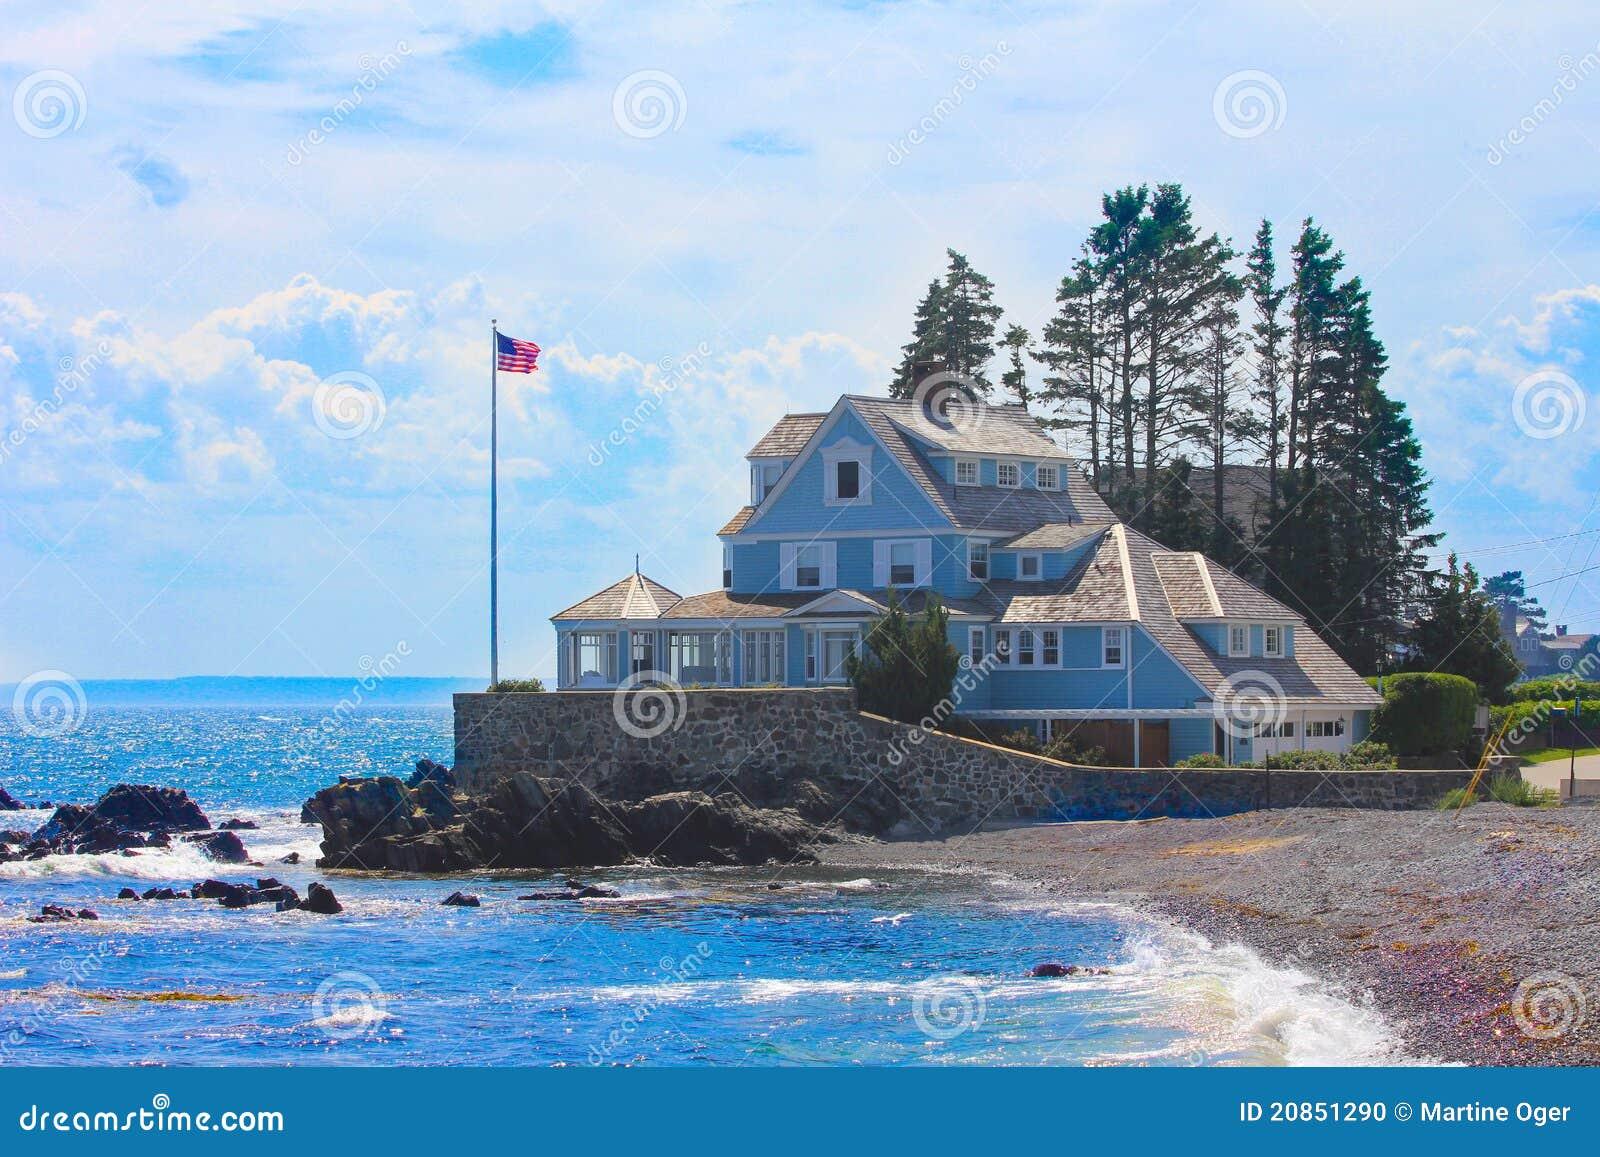 A blue home on the beach.